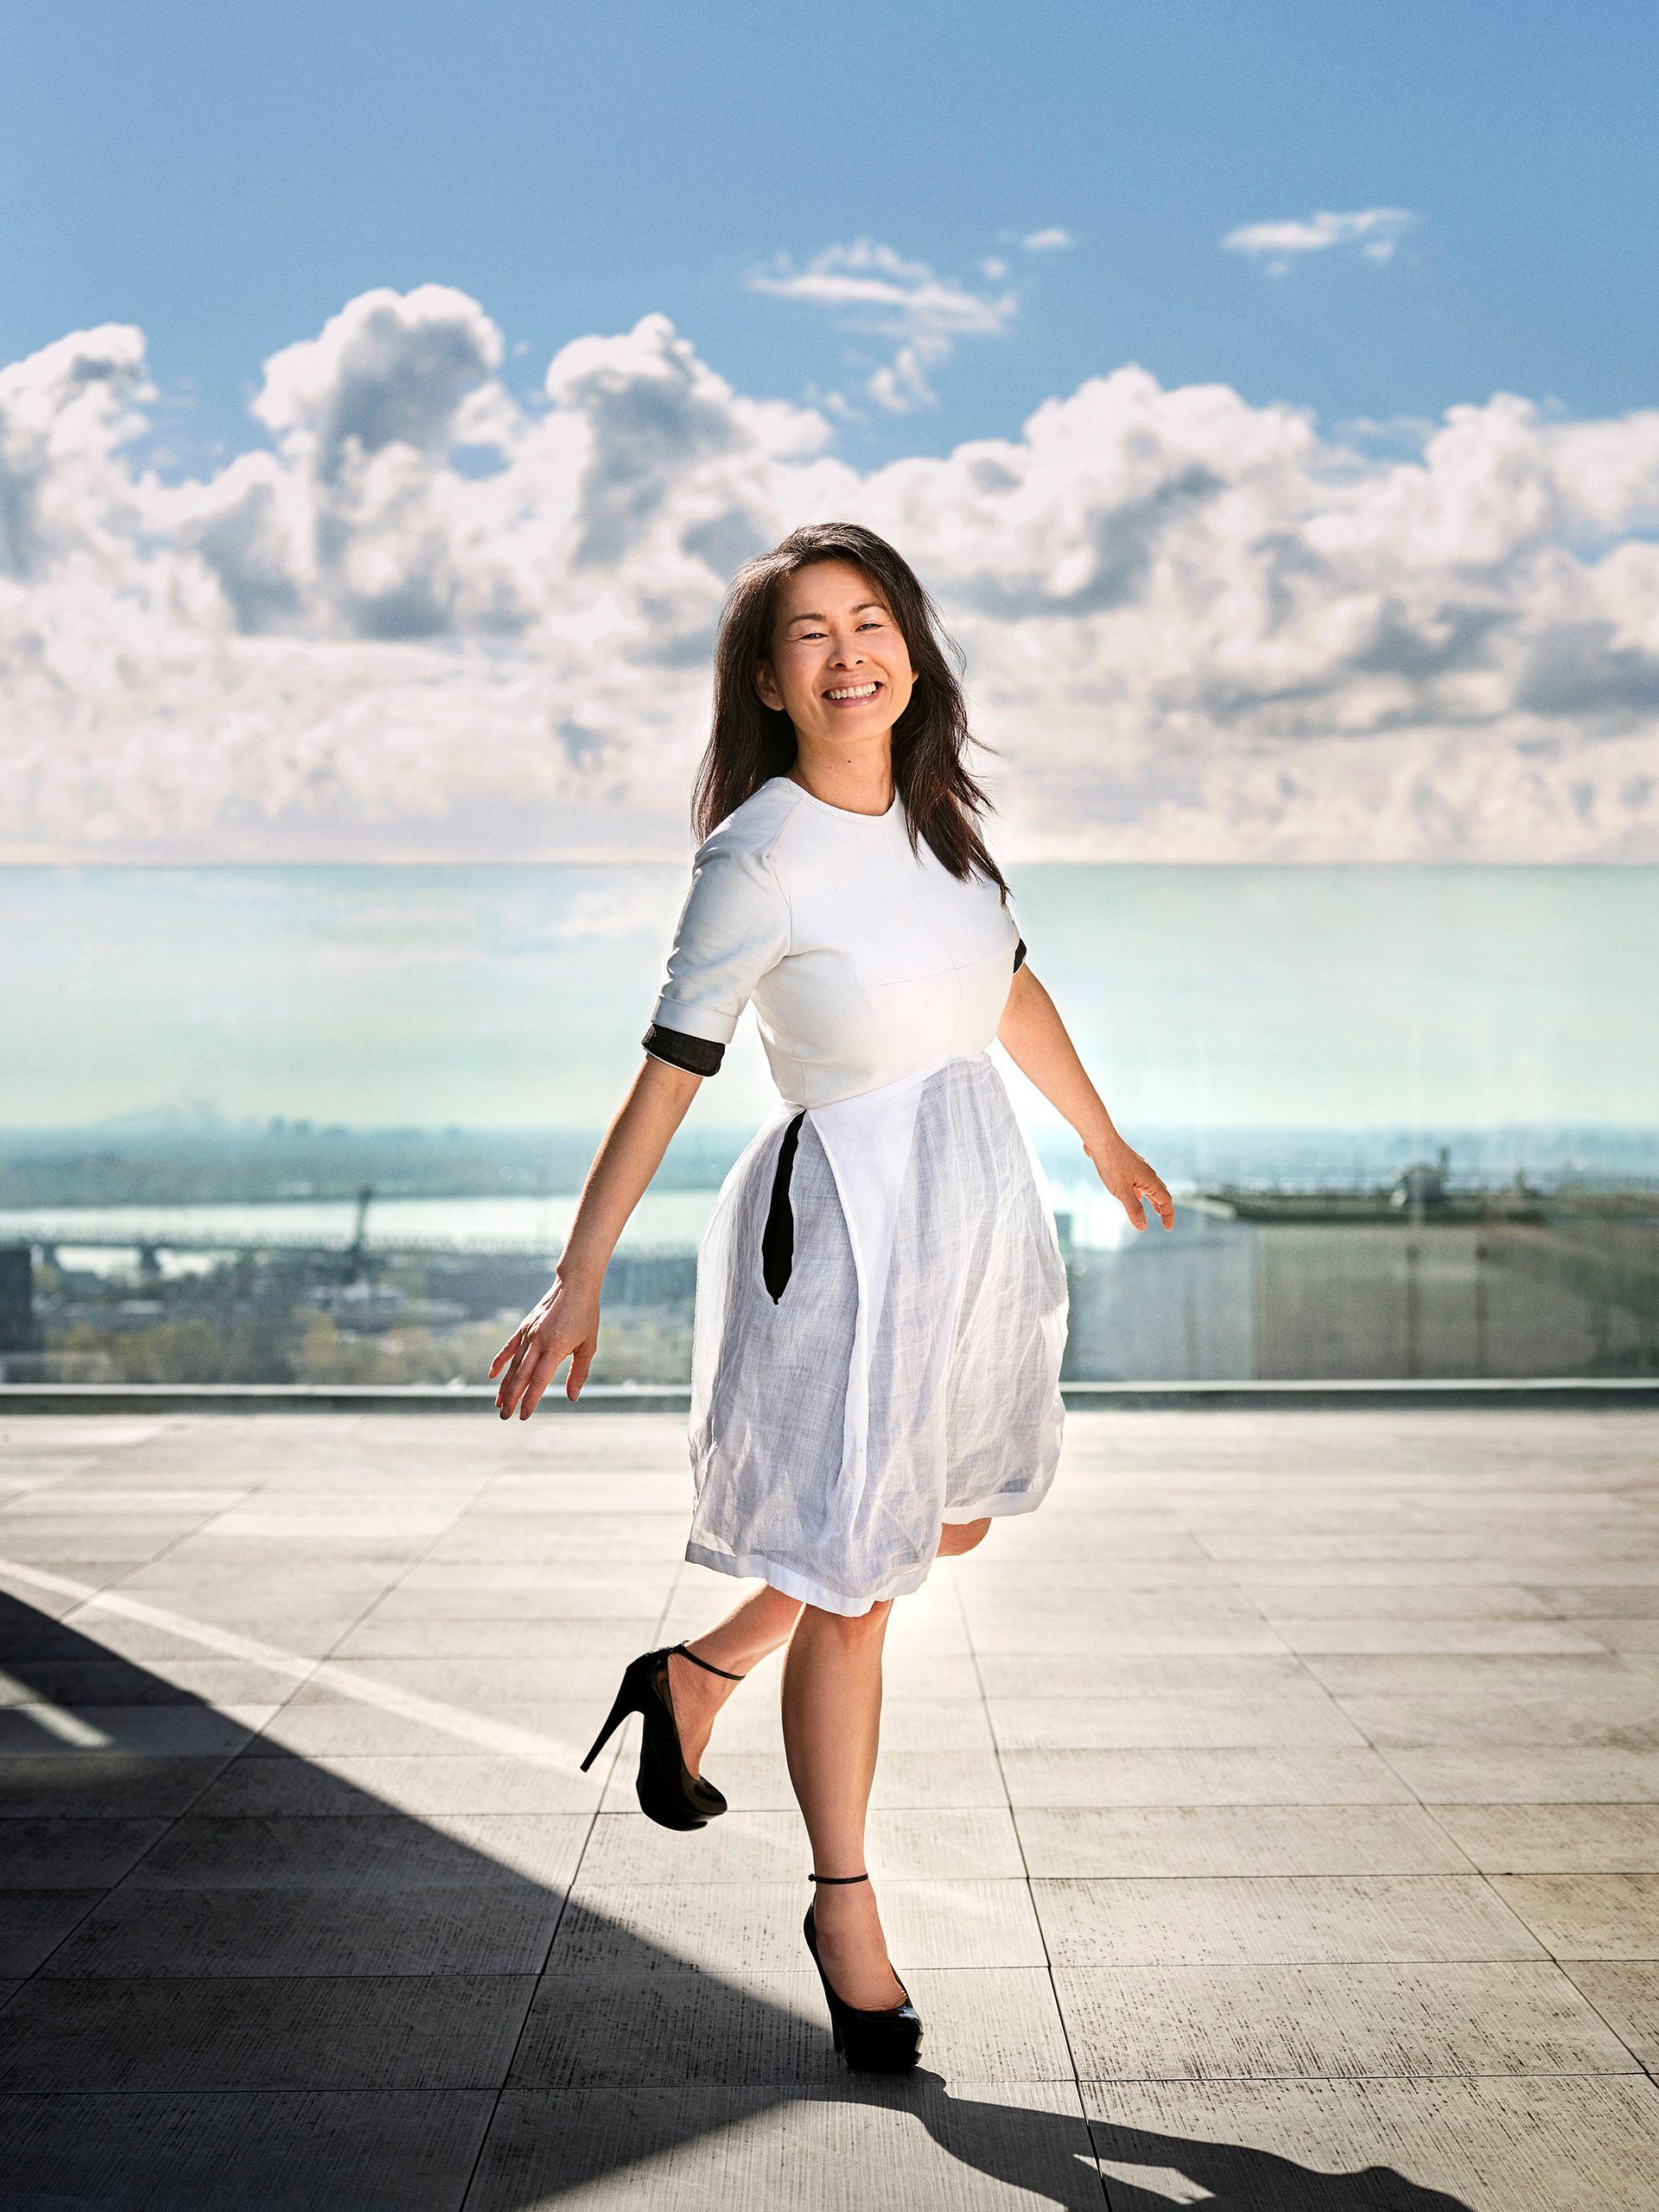 Photo du corps entier de l'auteur Kim Thuy marchant avec énergie, sautant presque. Elle est souriante et porte une robe blanche, des chaussures noires à talon aiguille.